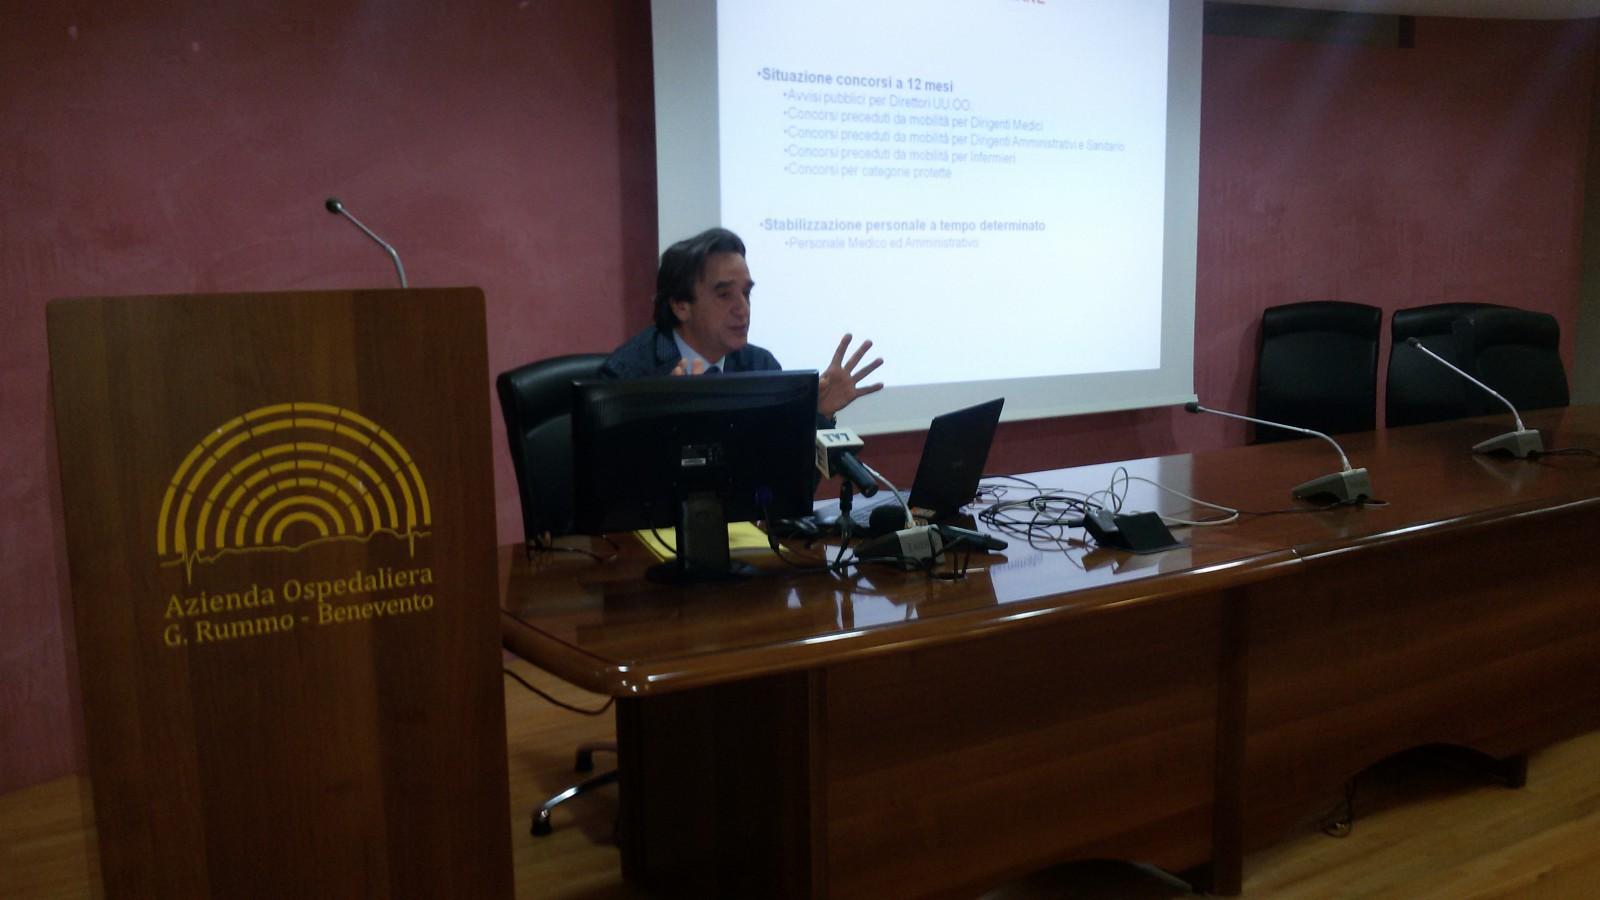 Azienda ospedaliera Rummo: Berruti traccia il bilancio del 2015